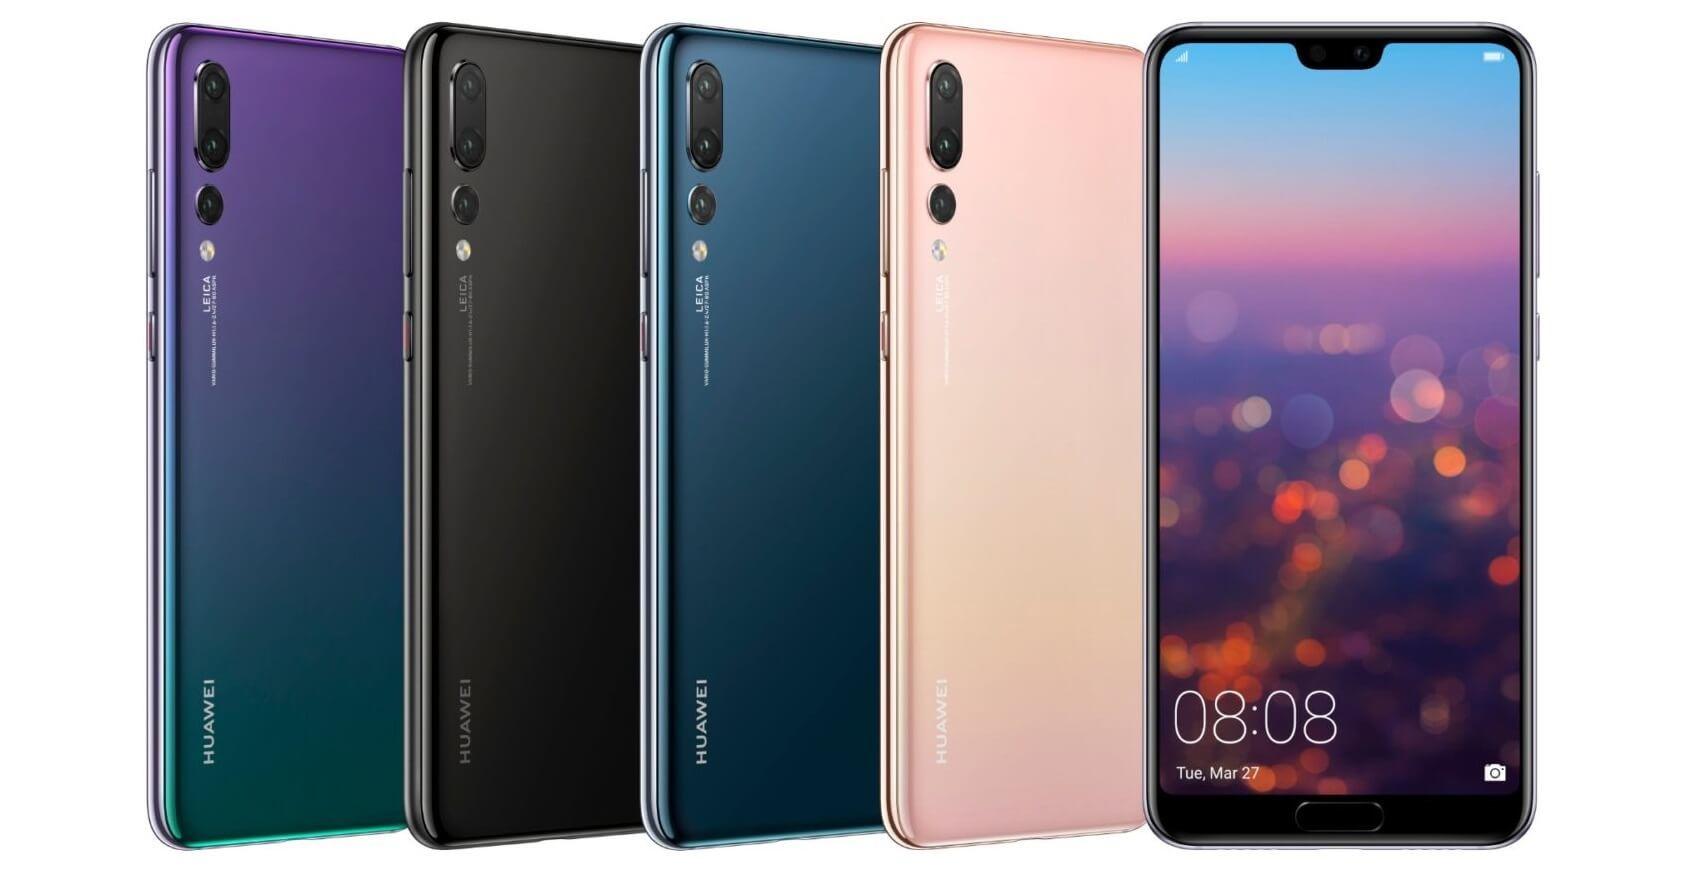 telefonos Huawei formados en pila.